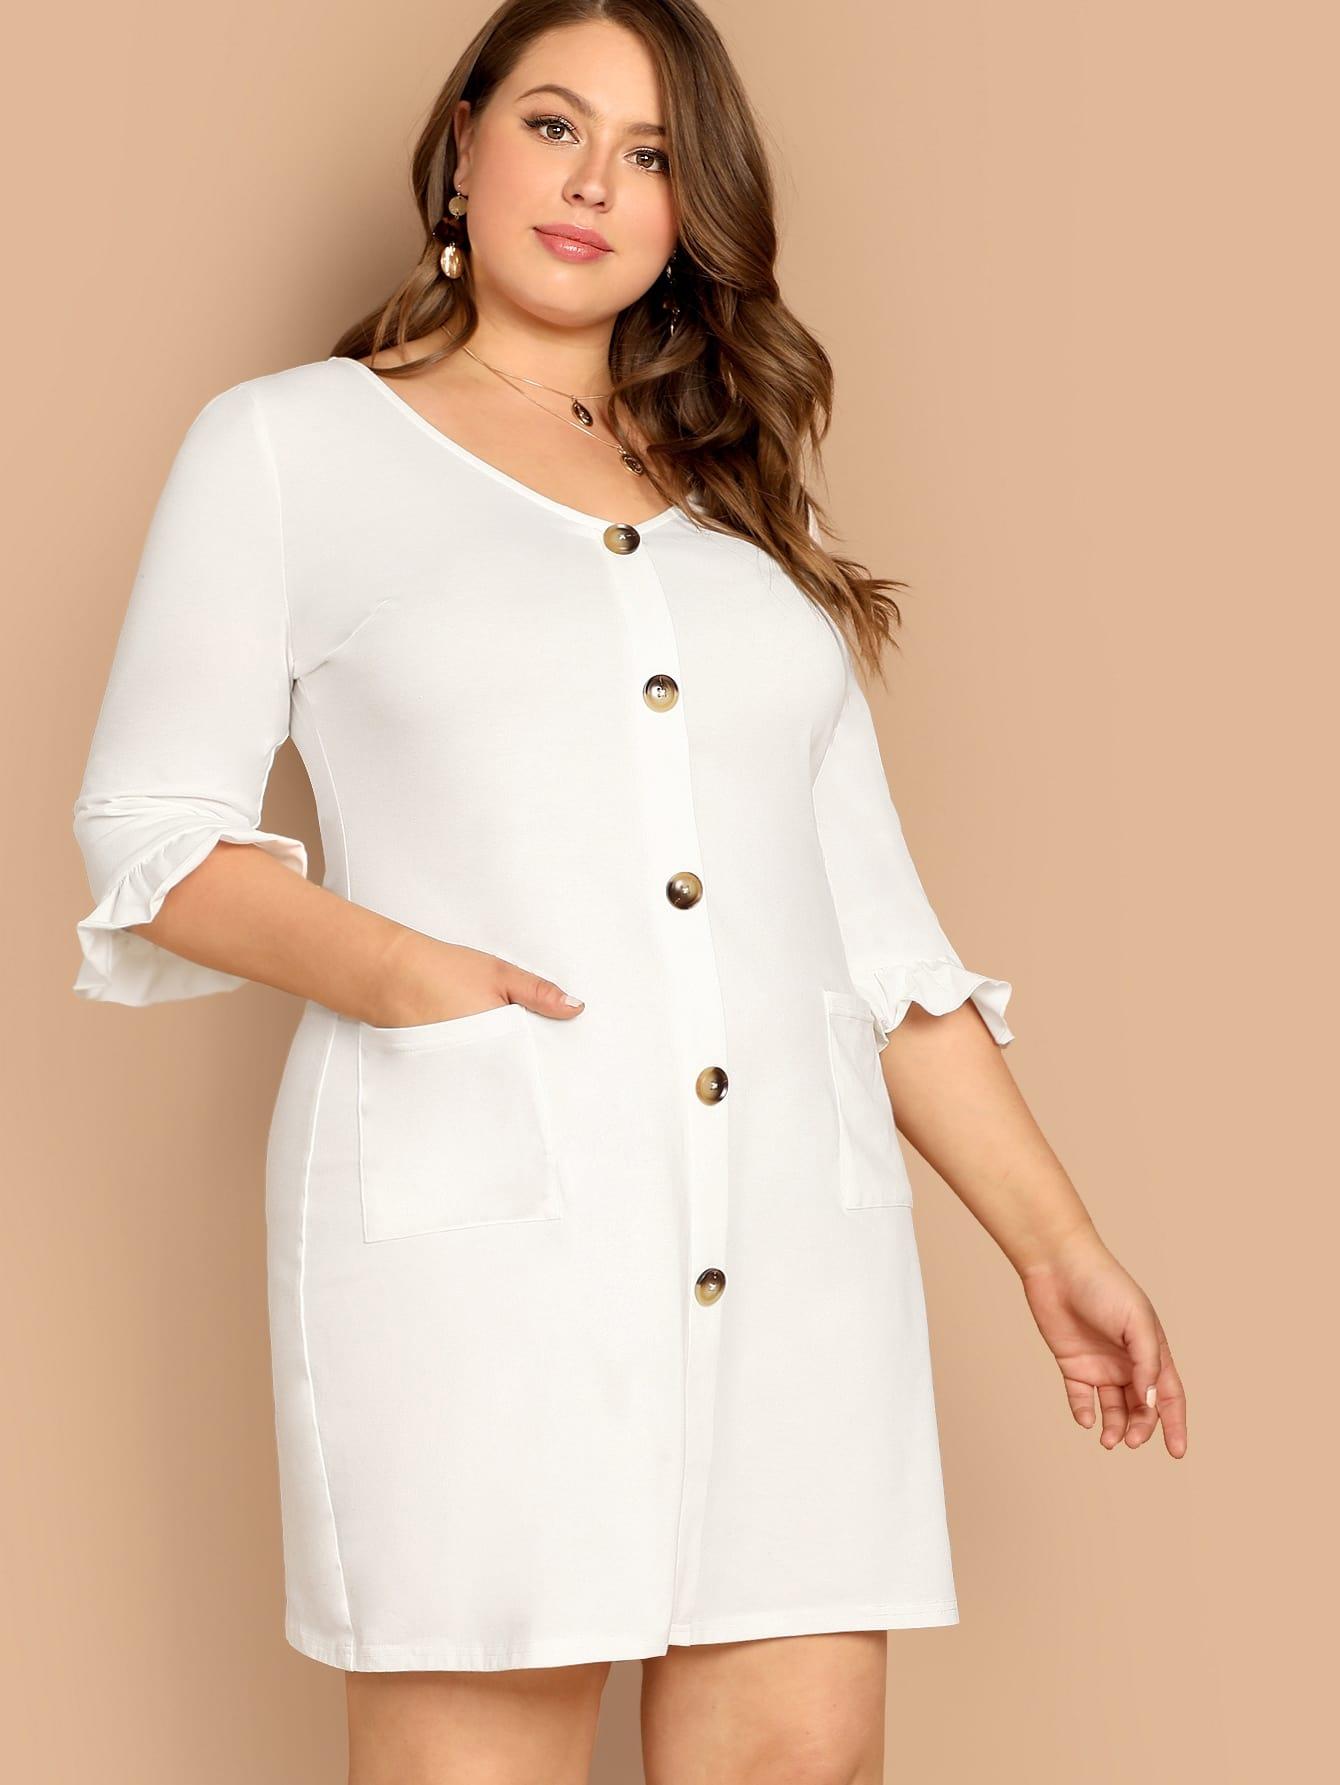 Купить Платье с пугоницами размера плюс, Bailey Carr, SheIn